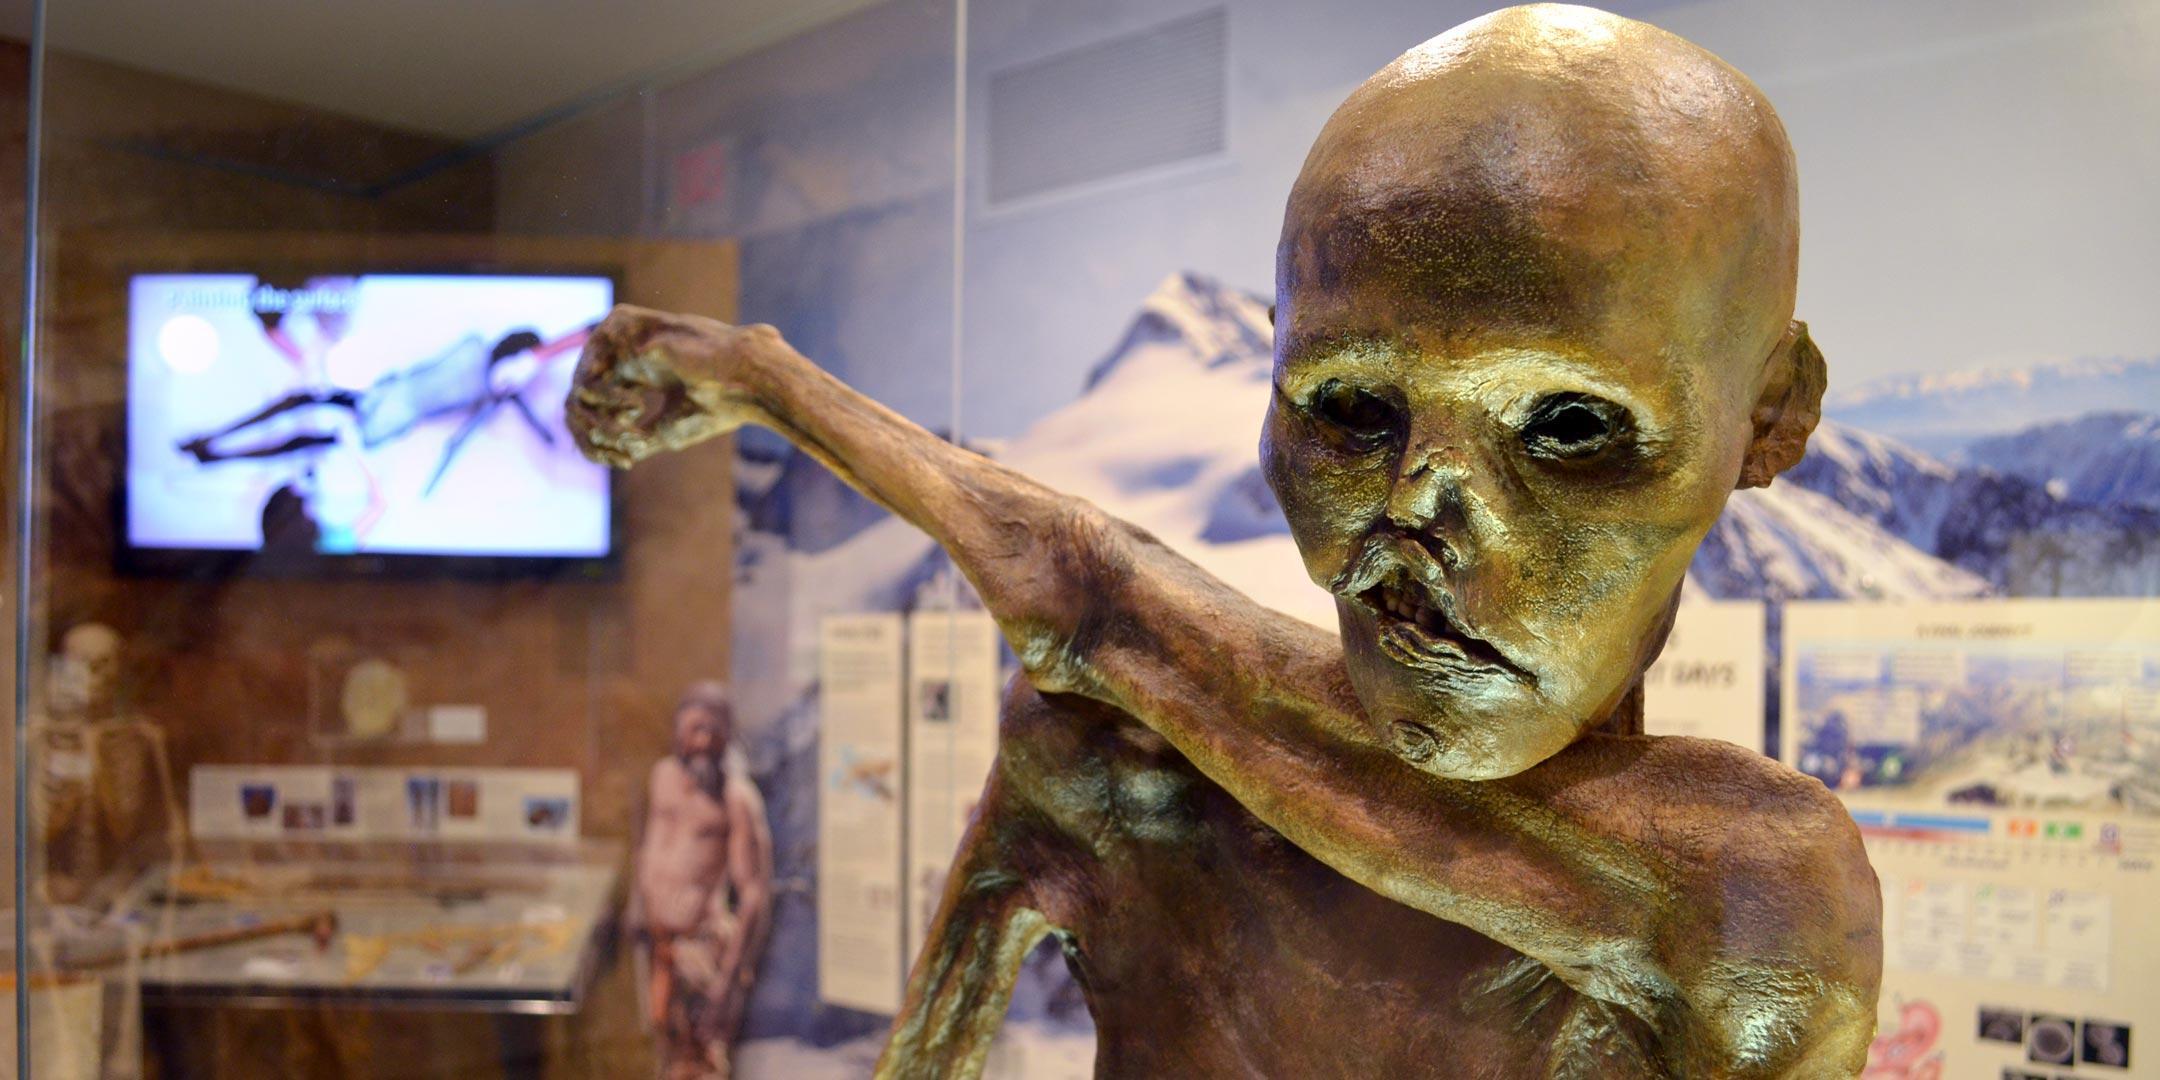 Ötzi the Iceman Exhibition Tour